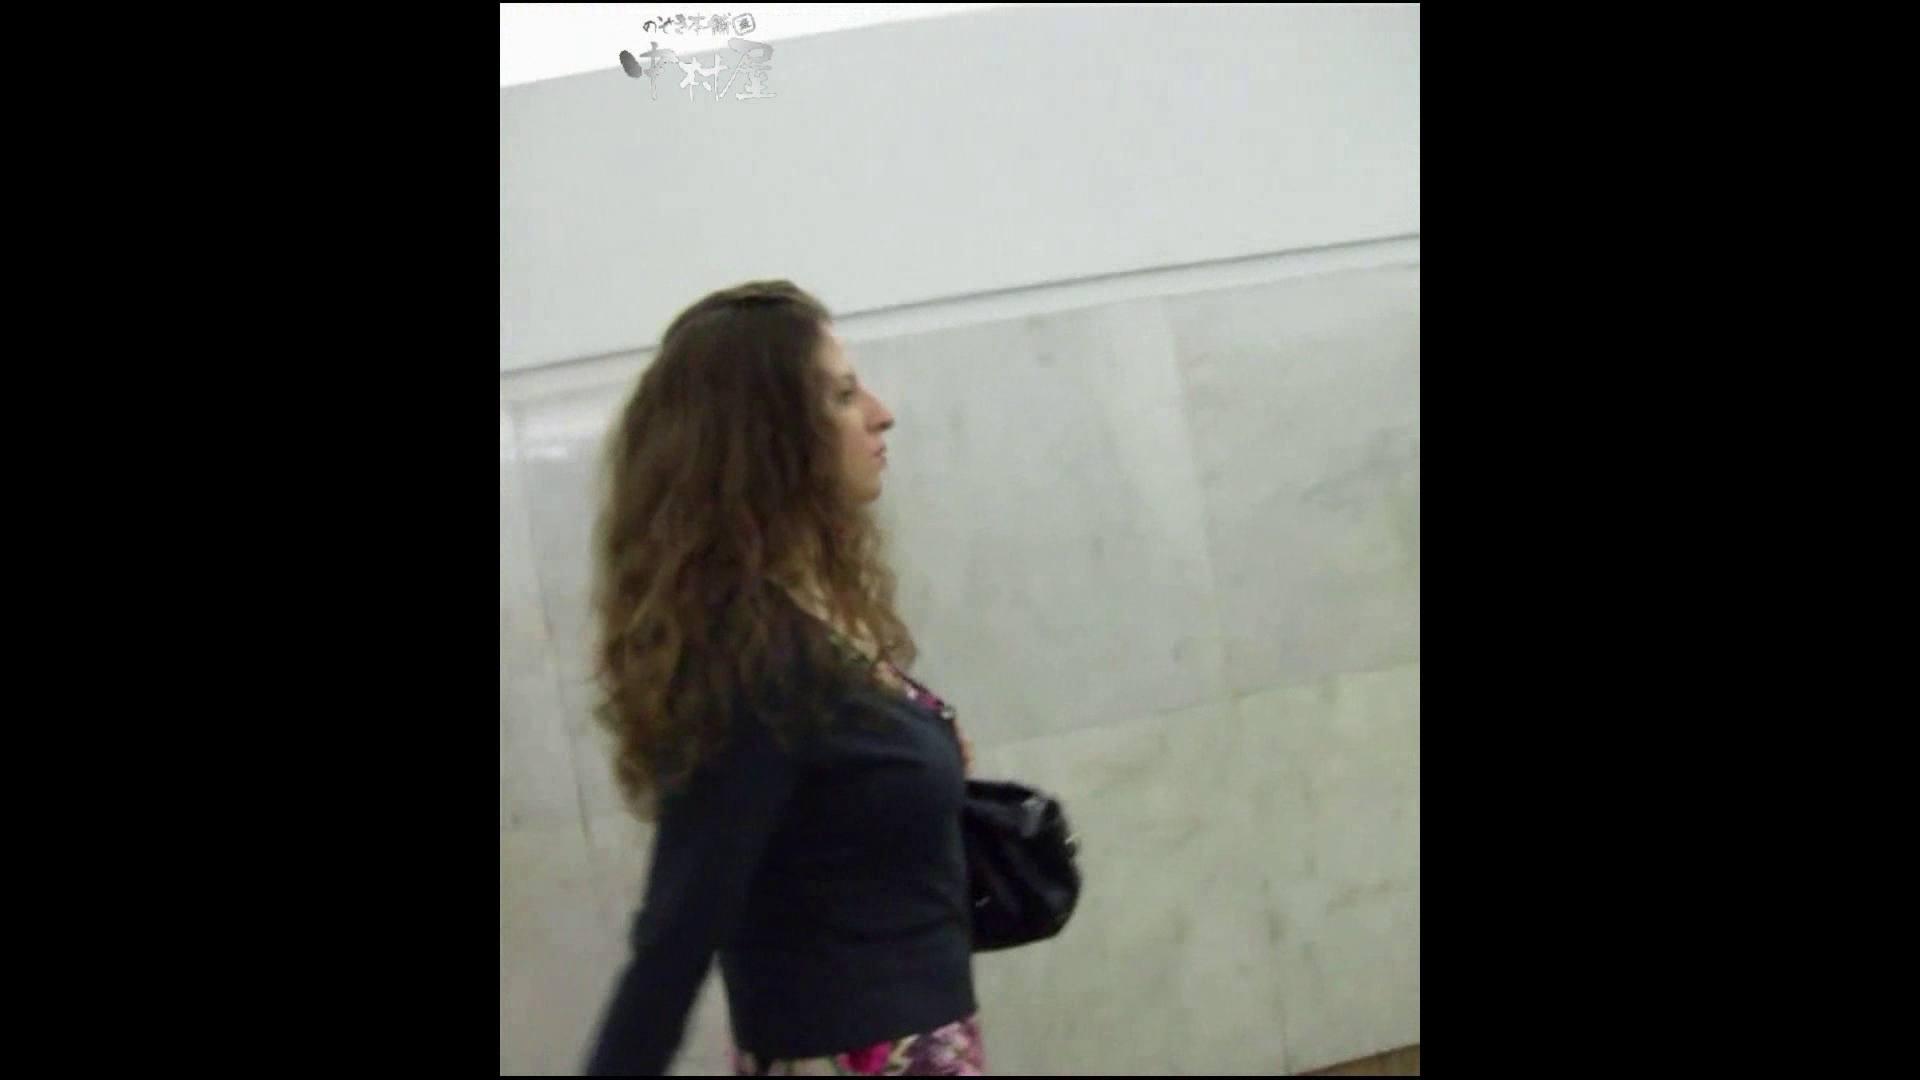 綺麗なモデルさんのスカート捲っちゃおう‼ vol21 お姉さんのエロ動画 | 0  87PIX 7